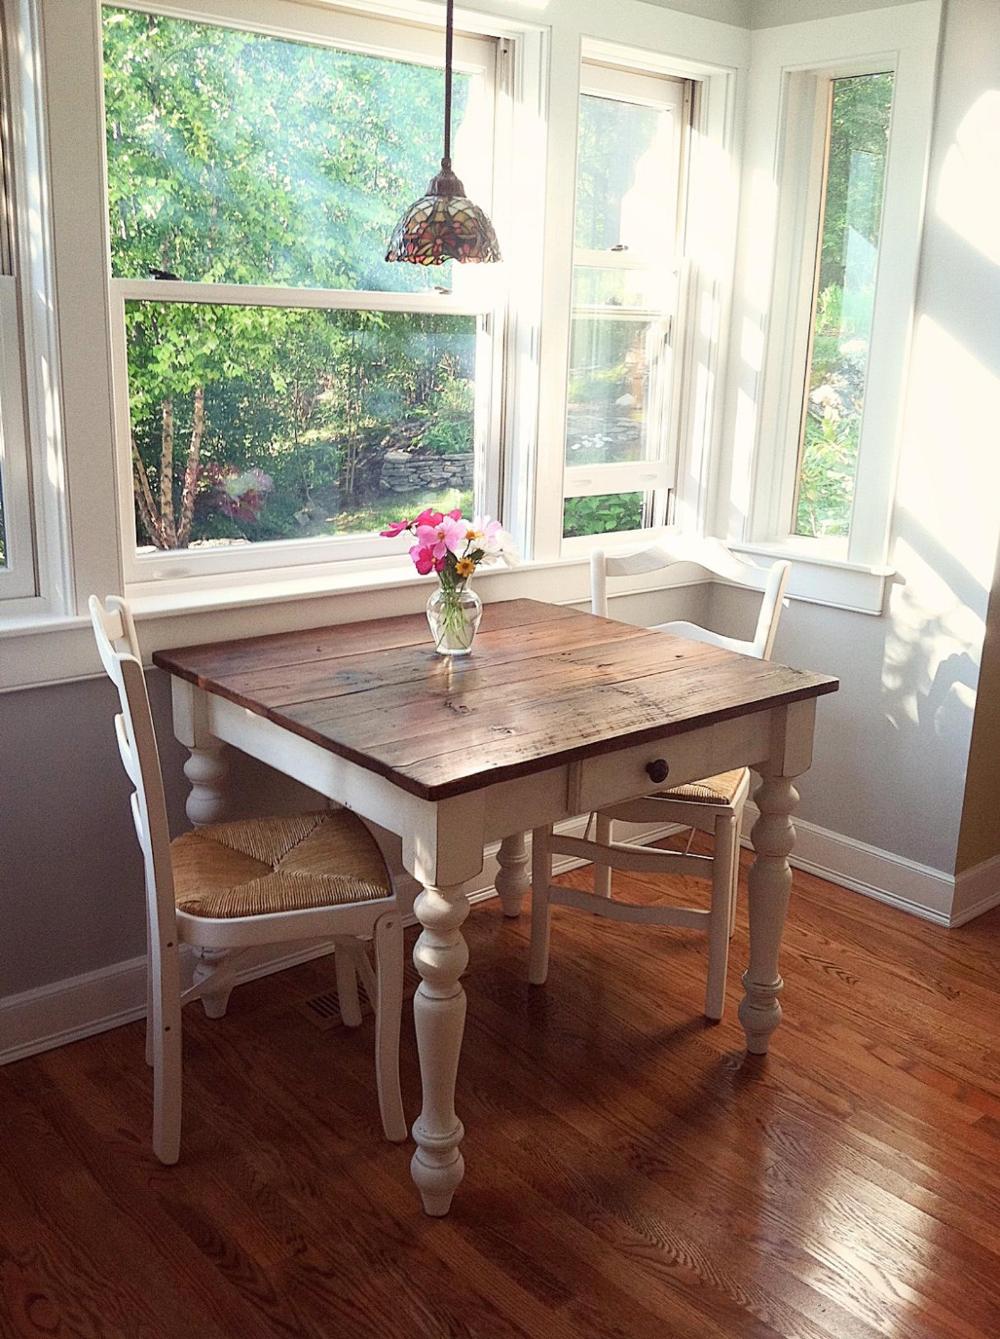 The Petite Farmhouse Table Handmade With Reclaimed Barn Wood